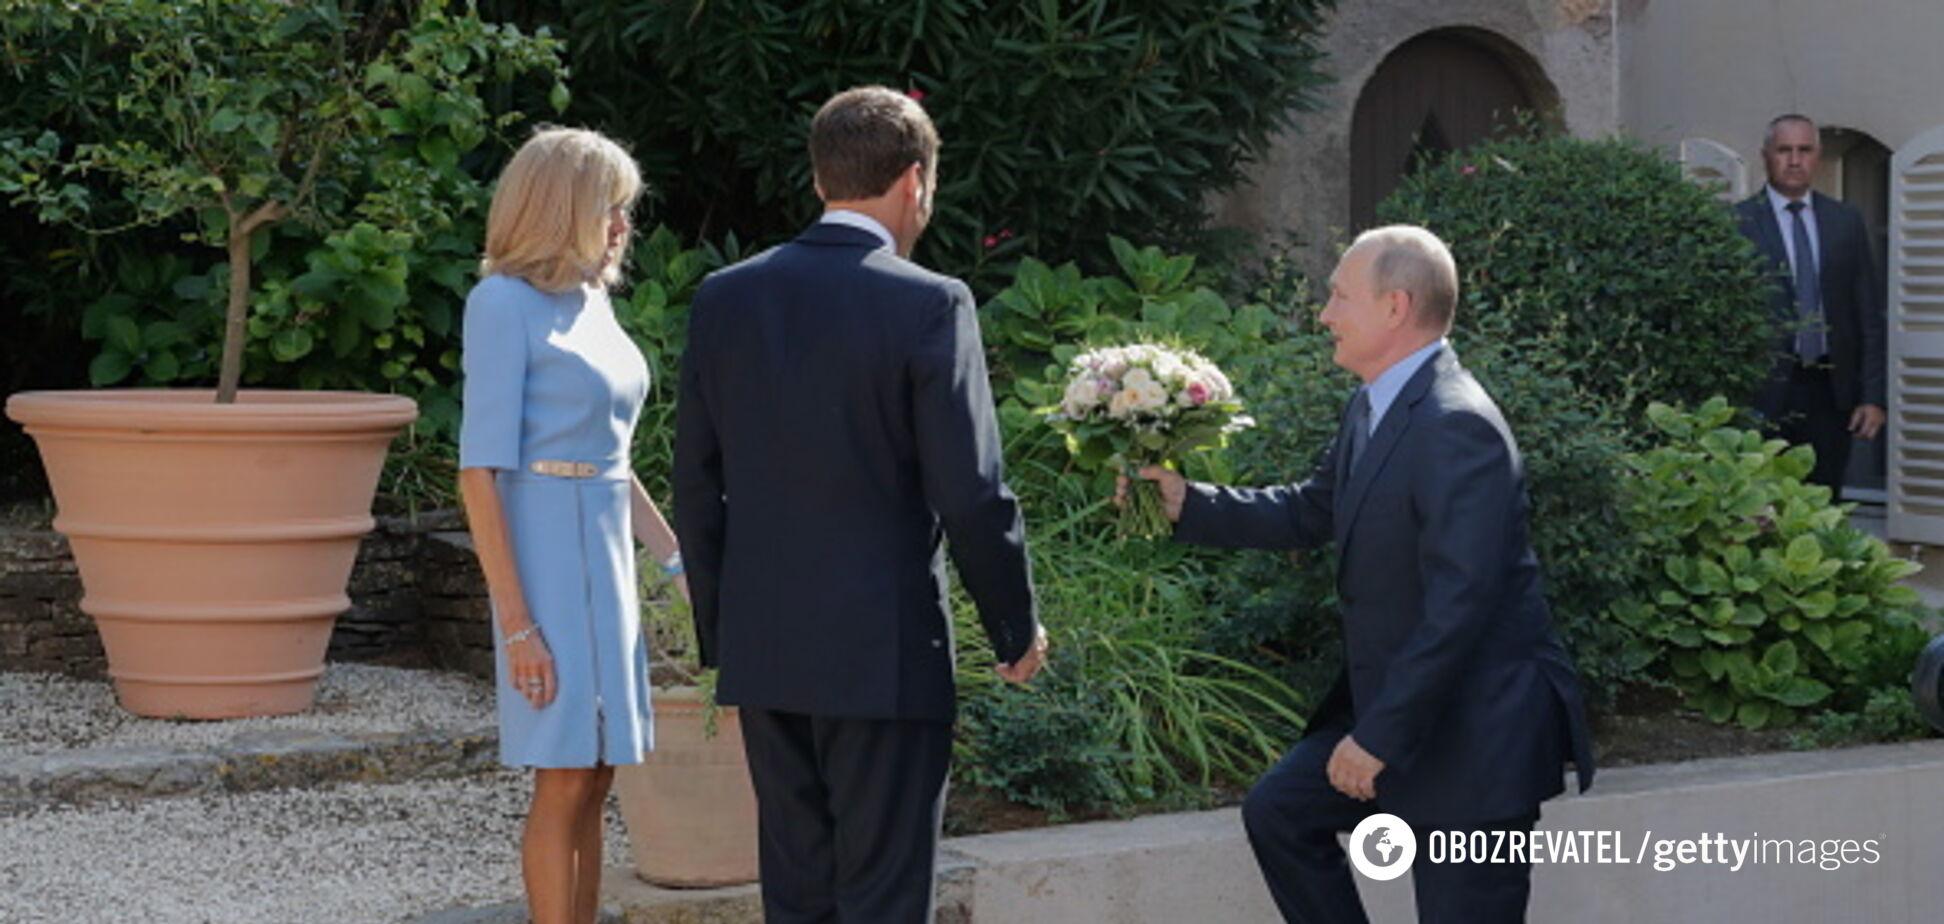 Володимир Путін на зустрічі з Макронами в Марселі